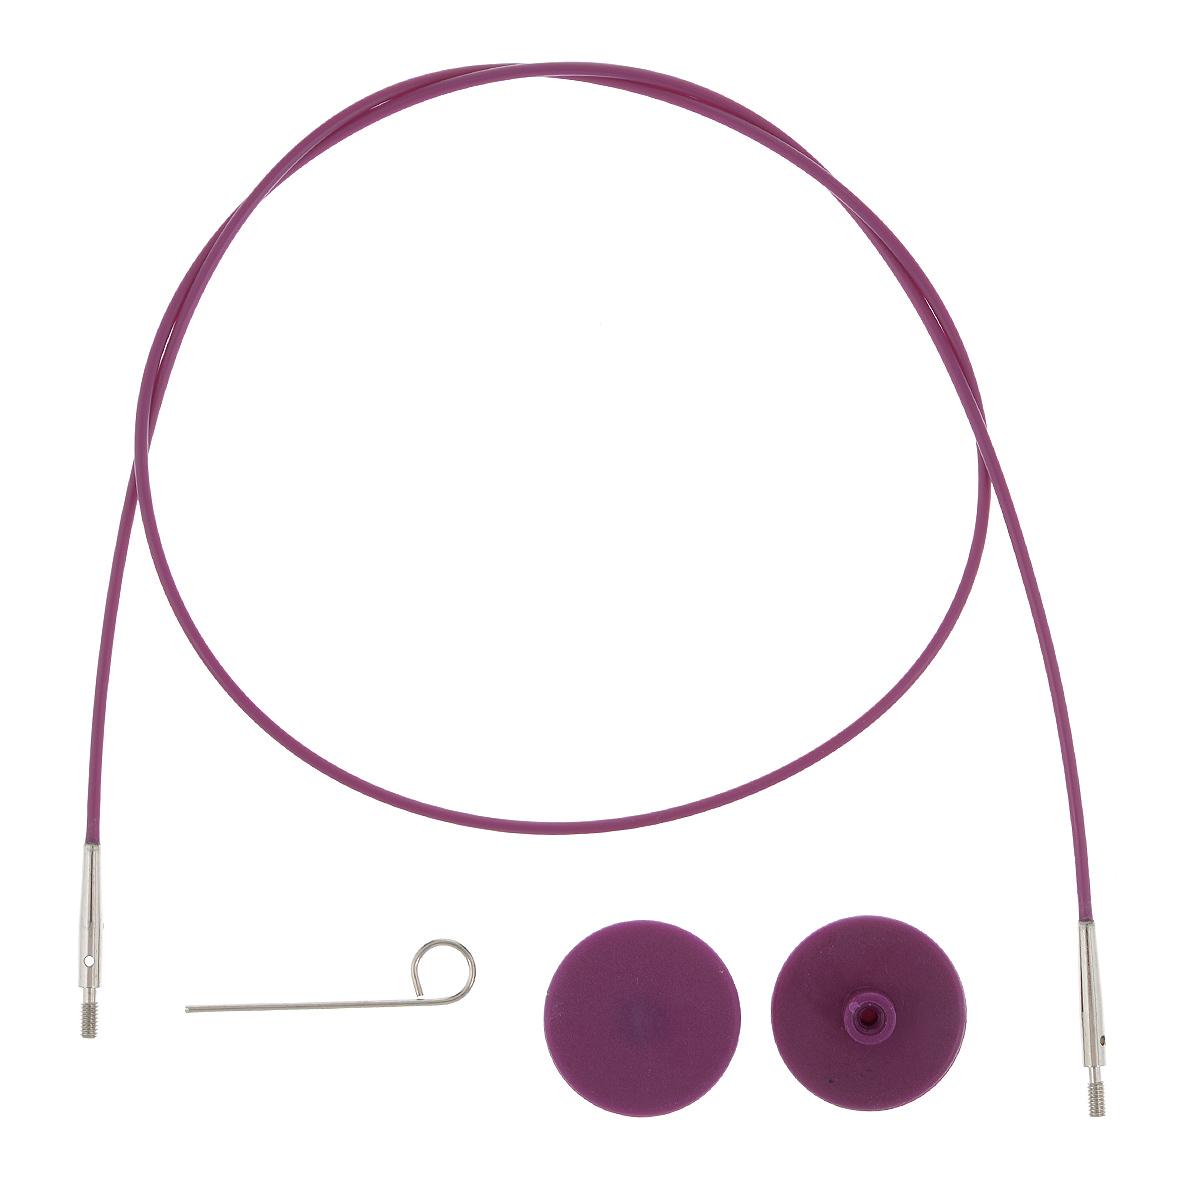 Тросик для съемных спиц KnitPro, с заглушками, цвет: фиолетовый, серебристый, длина 56 см10502Тросик KnitPro, изготовленный из гибкого пластика и металла, легко комбинируются со съемными спицами. Для надежного соединения со спицами тросик комплектуется ключиком и двумя заглушками. Подходит для любого вида съемных спиц: деревянных, никелированных и акриловых фирм KnitPro, Prym и LanaGrossa. Изделие моментально распрямляется и больше не закручивается. На концах тросика - резьба для прикручивания его к спицам. Место соединения спиц и тросика - надежное и гладкое, ничто не помешает петелькам скользить по спицам. Если необходимо использовать спицы для вязания другого изделия, просто открутите их, прикрутите заглушки к тросику и принимайтесь за новое вязание! Длина тросика: 56 см. Длина тросика (с учетом длины съемных спиц): 80 см.